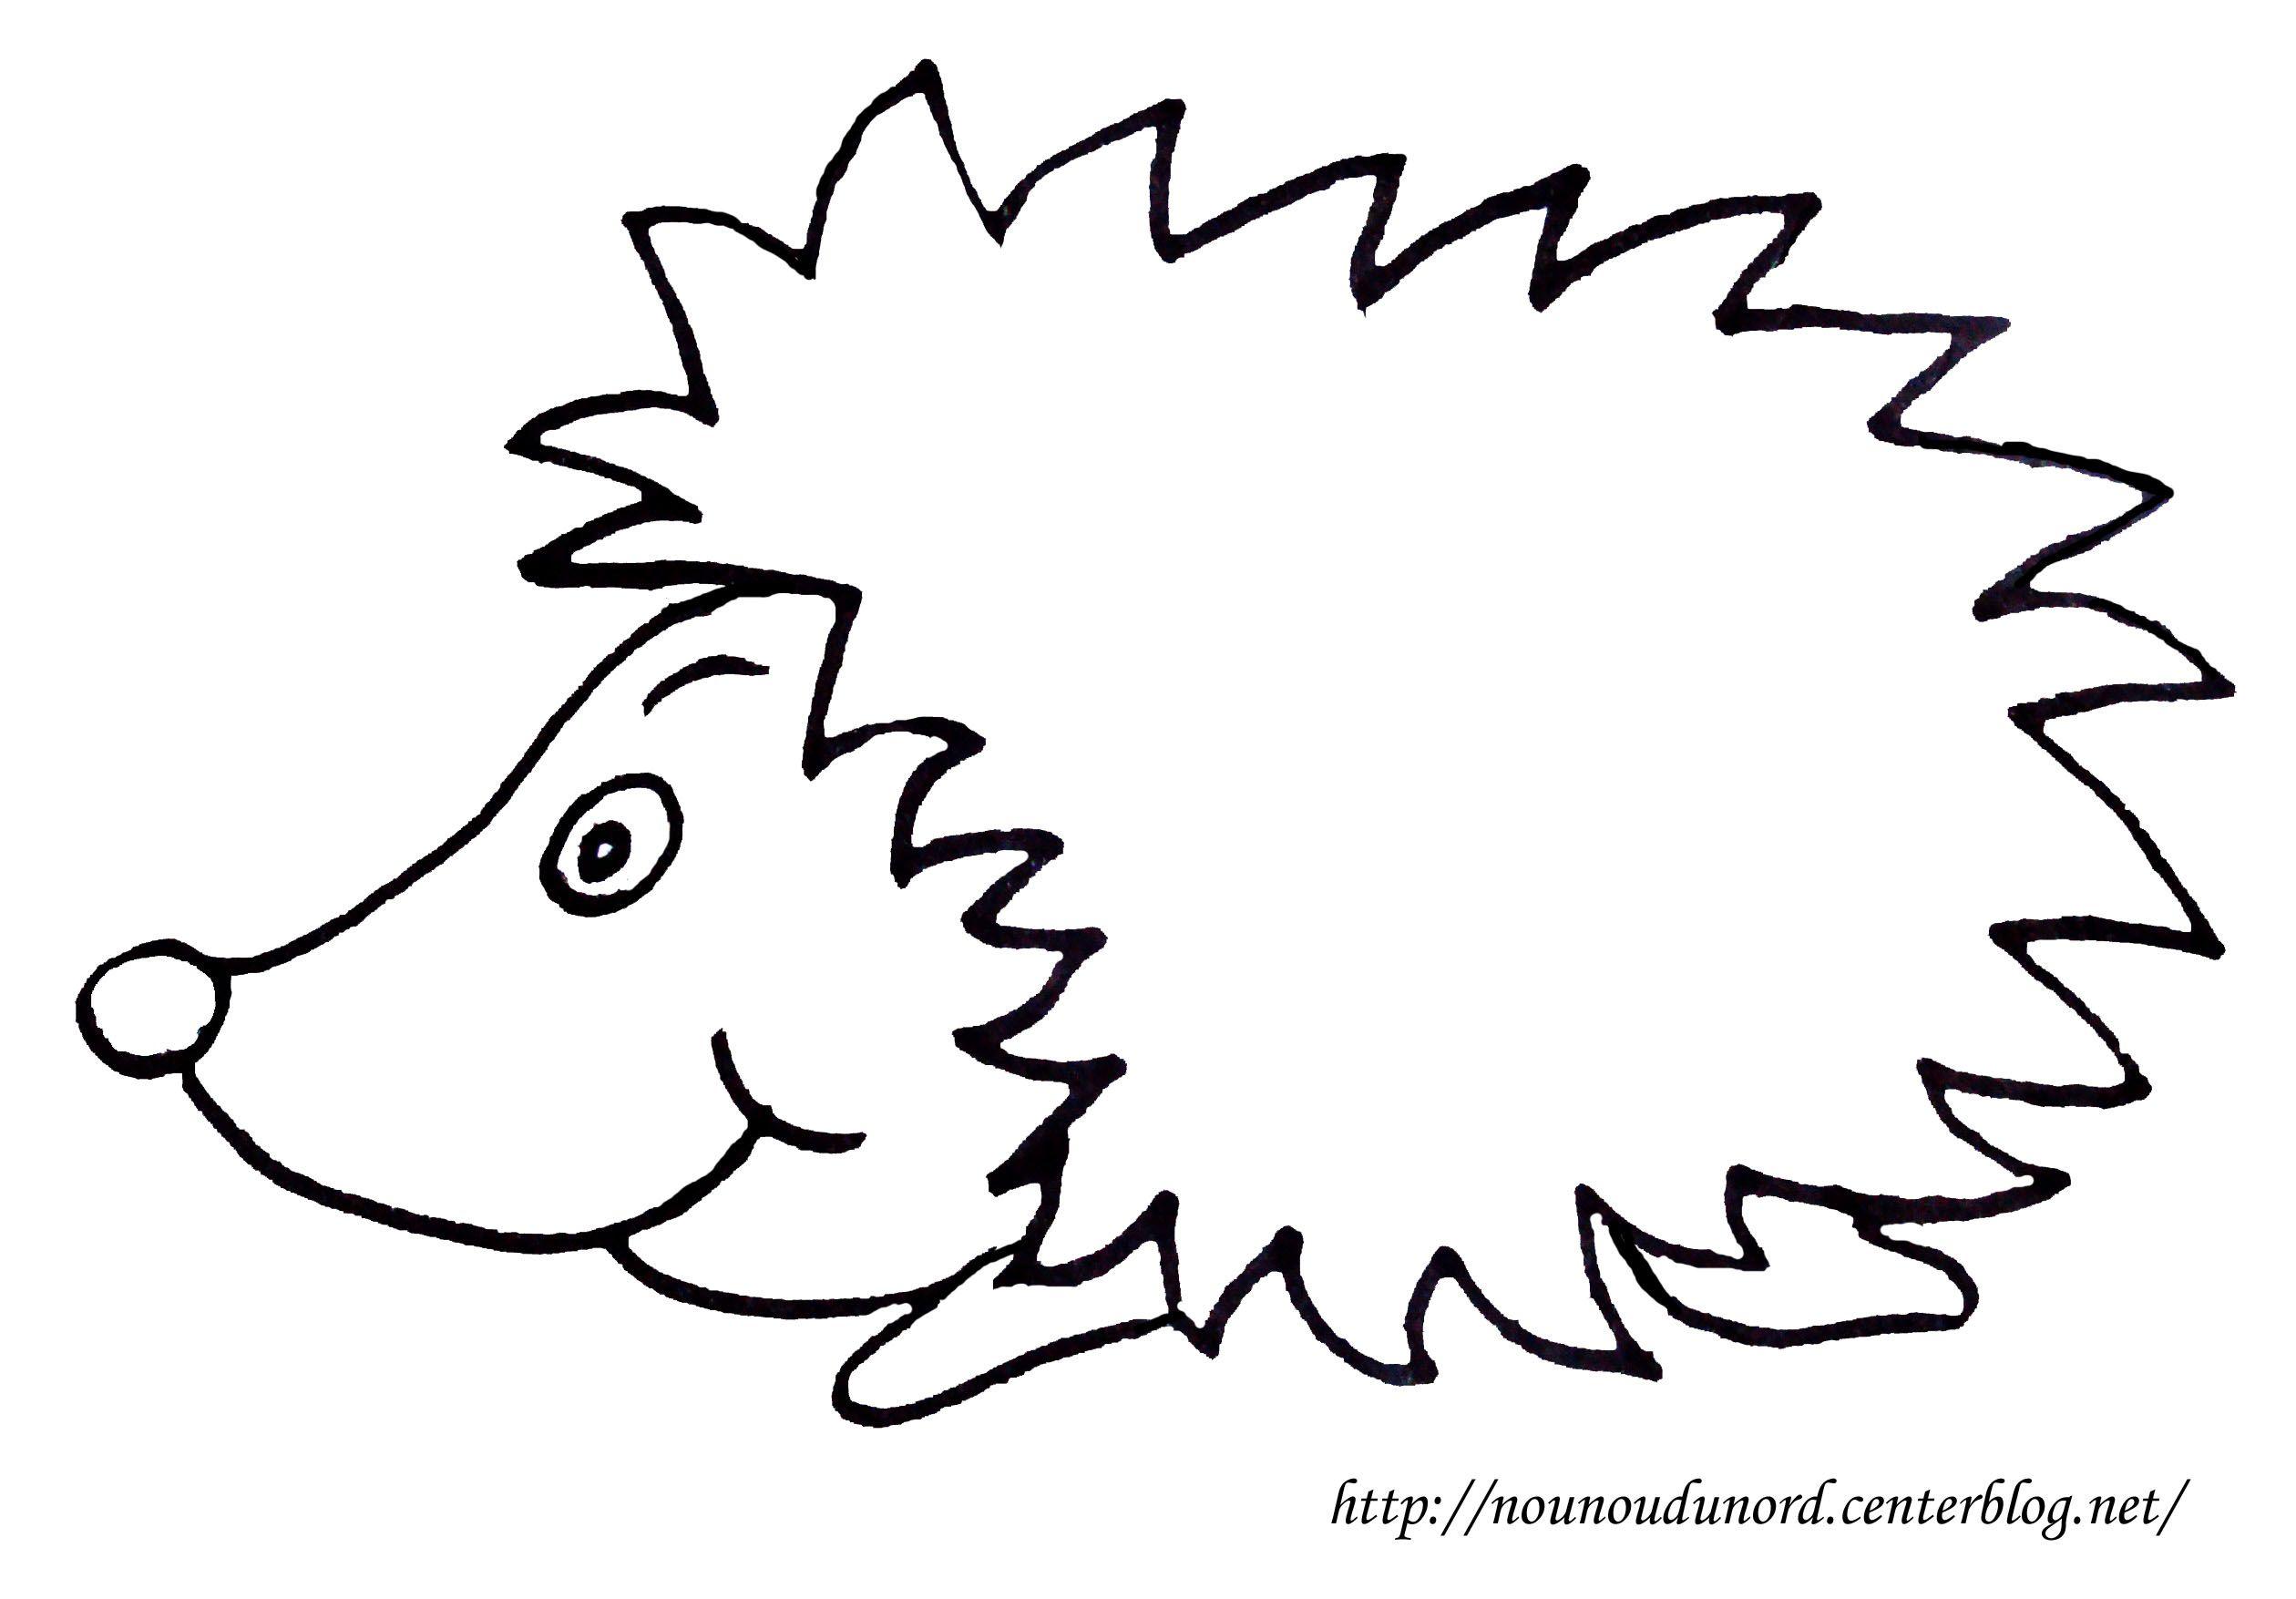 Coloriage h risson dessin par nounoudunord - Herisson dessin ...